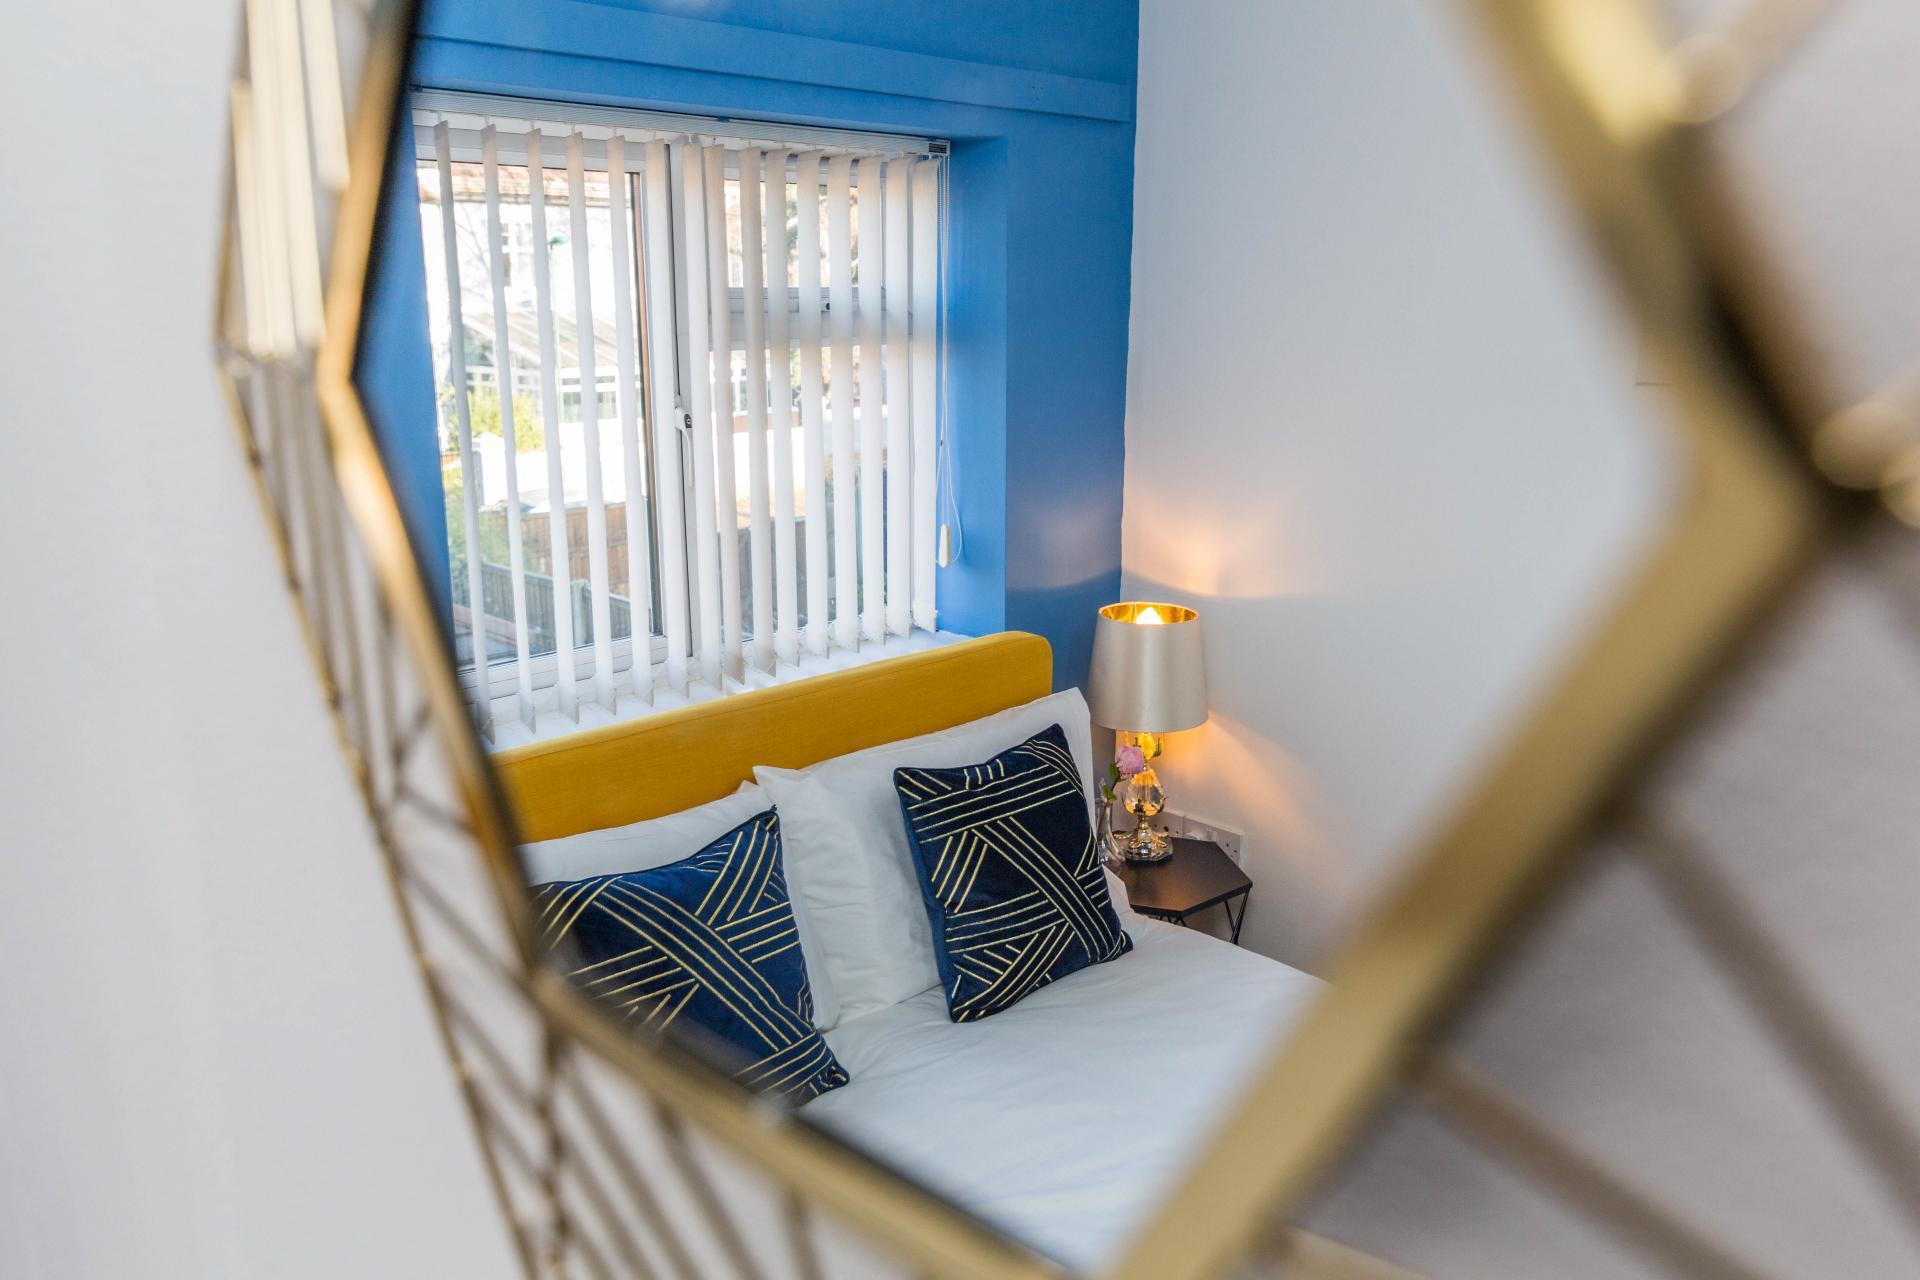 Decor at Mayo House, Carrington, Nottingham - Citybase Apartments